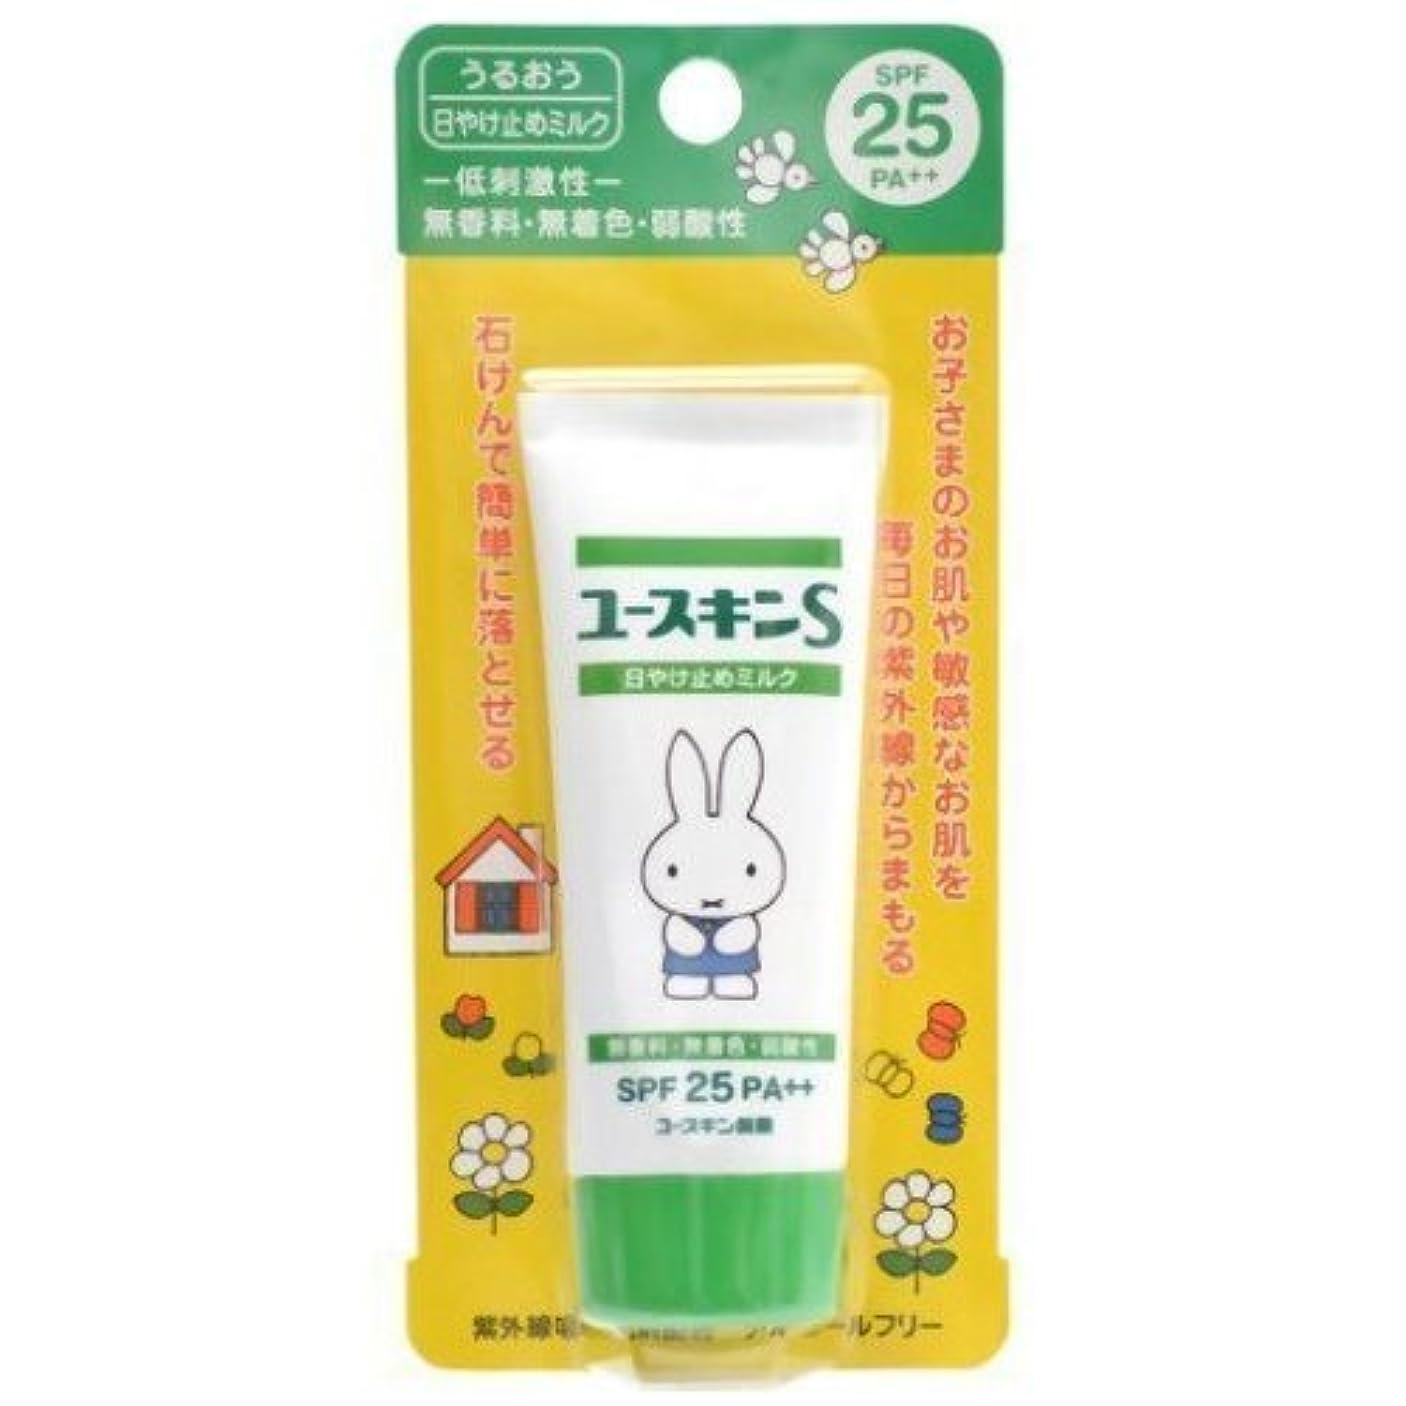 暴力ぞっとするようなかもしれないユースキンS UVミルク SPF25 PA++ 40g (敏感肌用 日焼け止め)